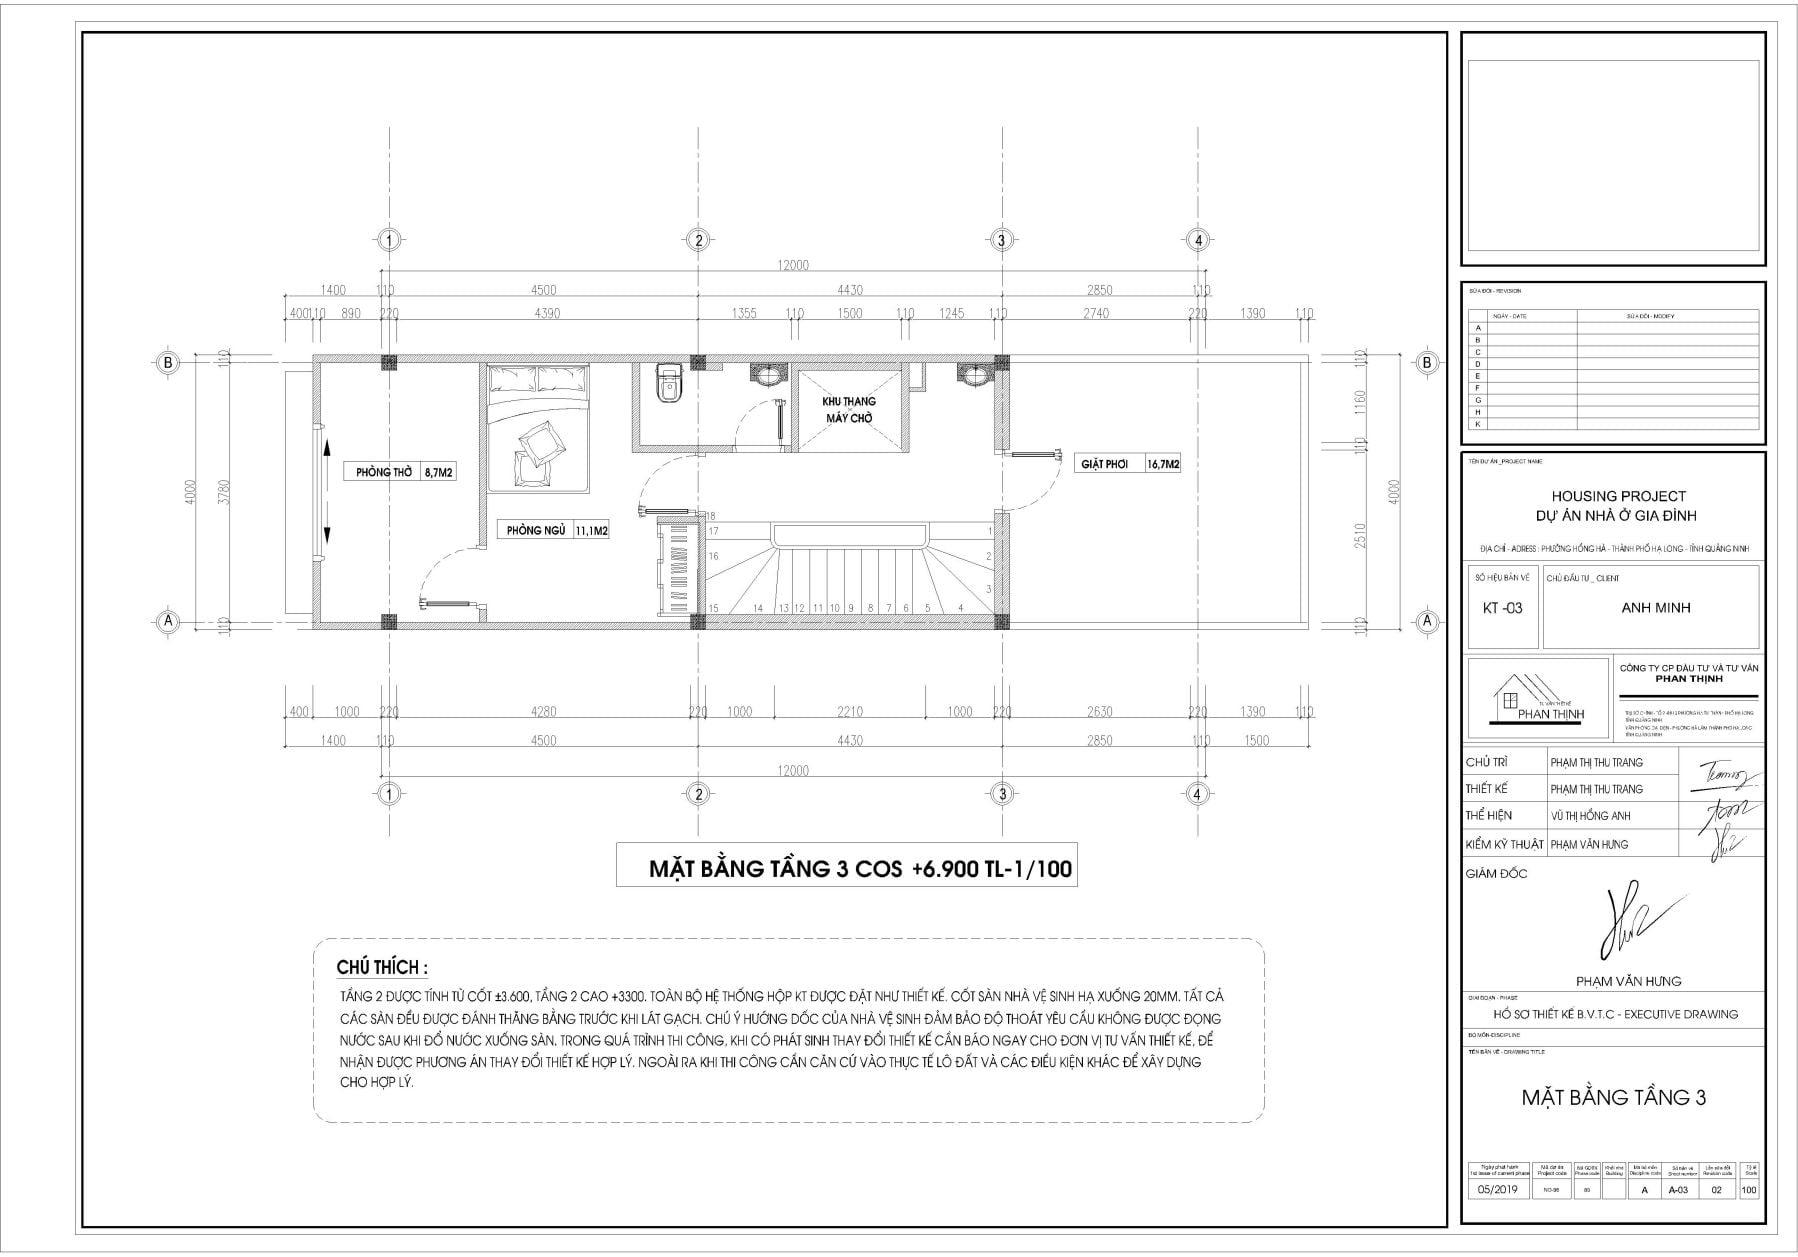 Mặt bằng thiết kế nhà tại tầng 3